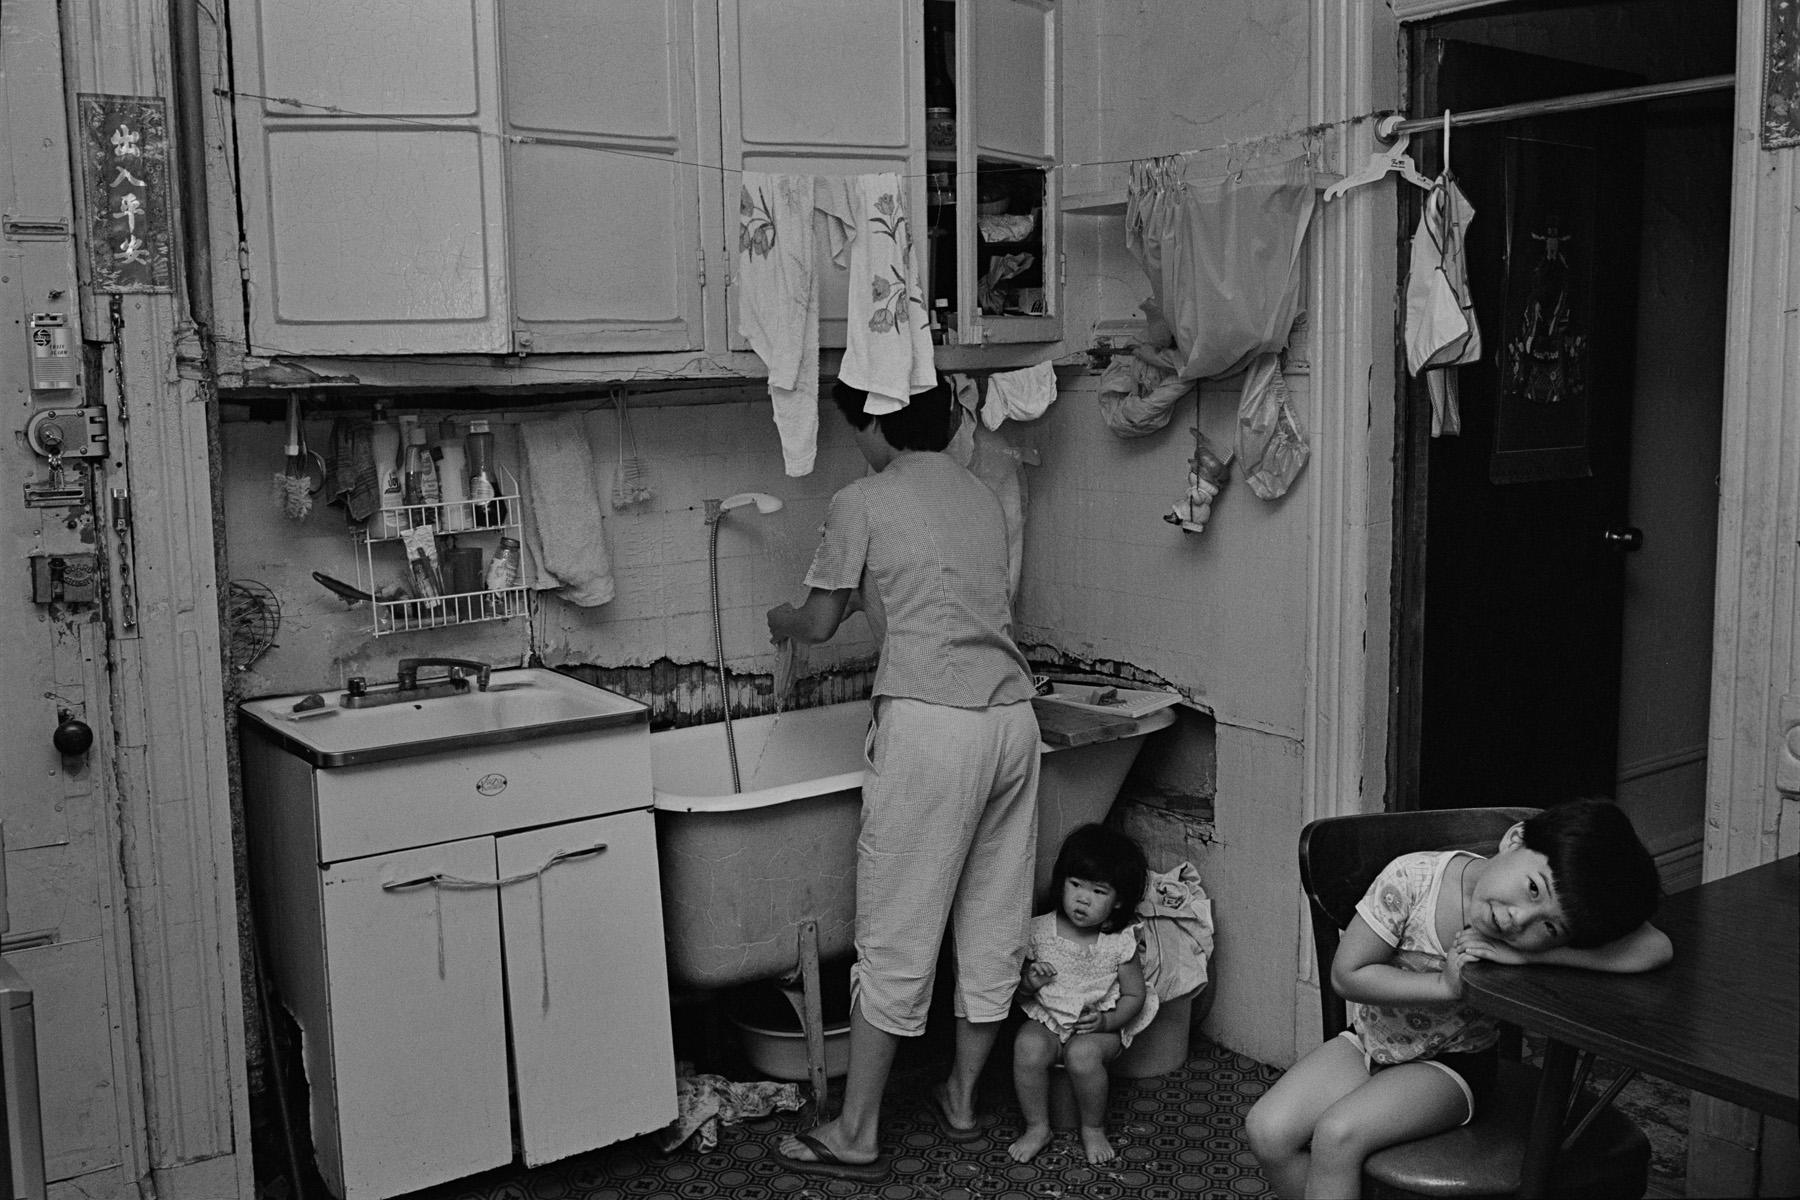 Rebecca with her children in their kitchen, New York Chinatown, 1982